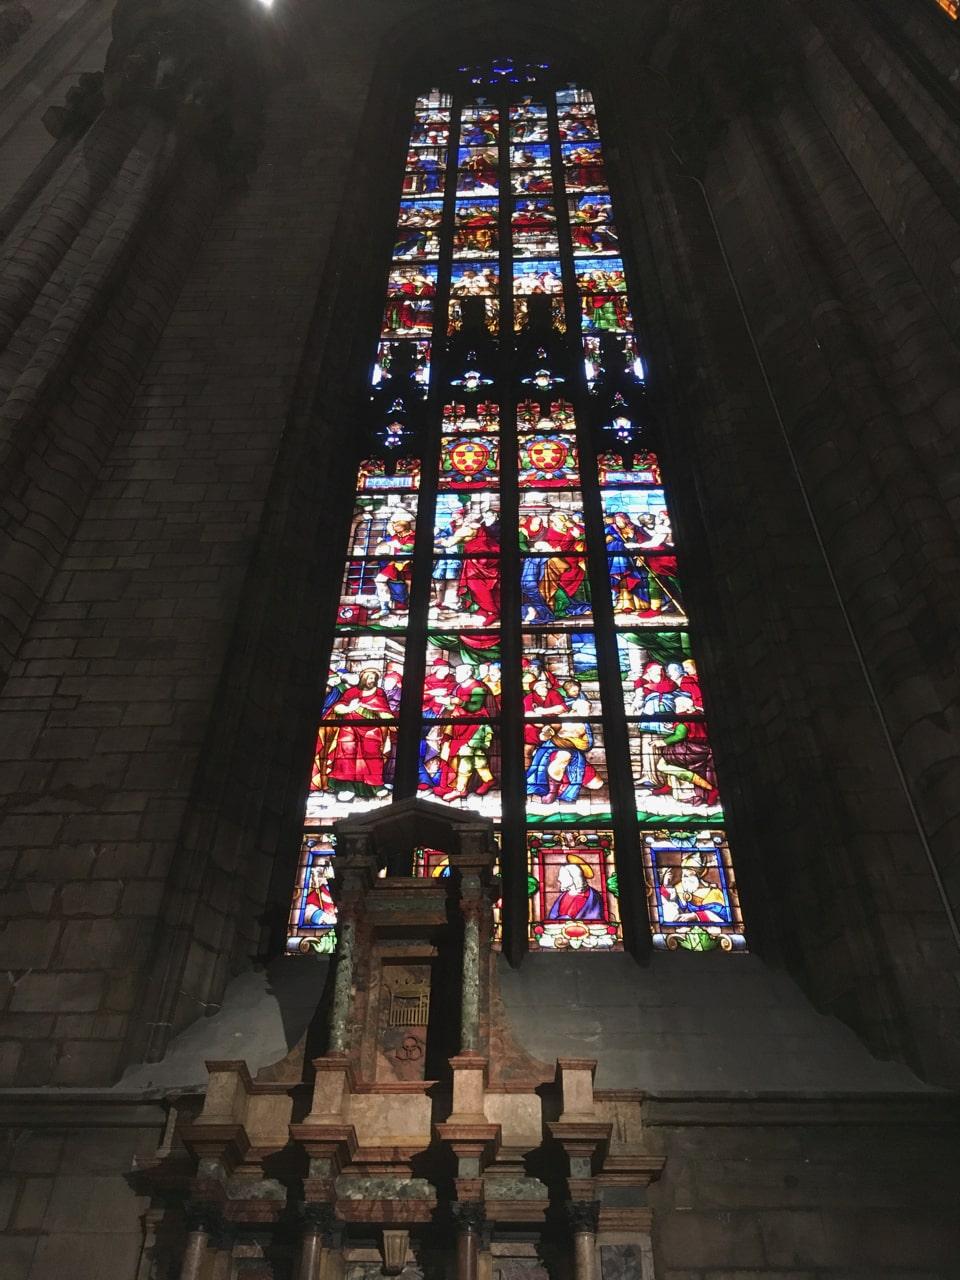 教堂里典型的彩色玻璃